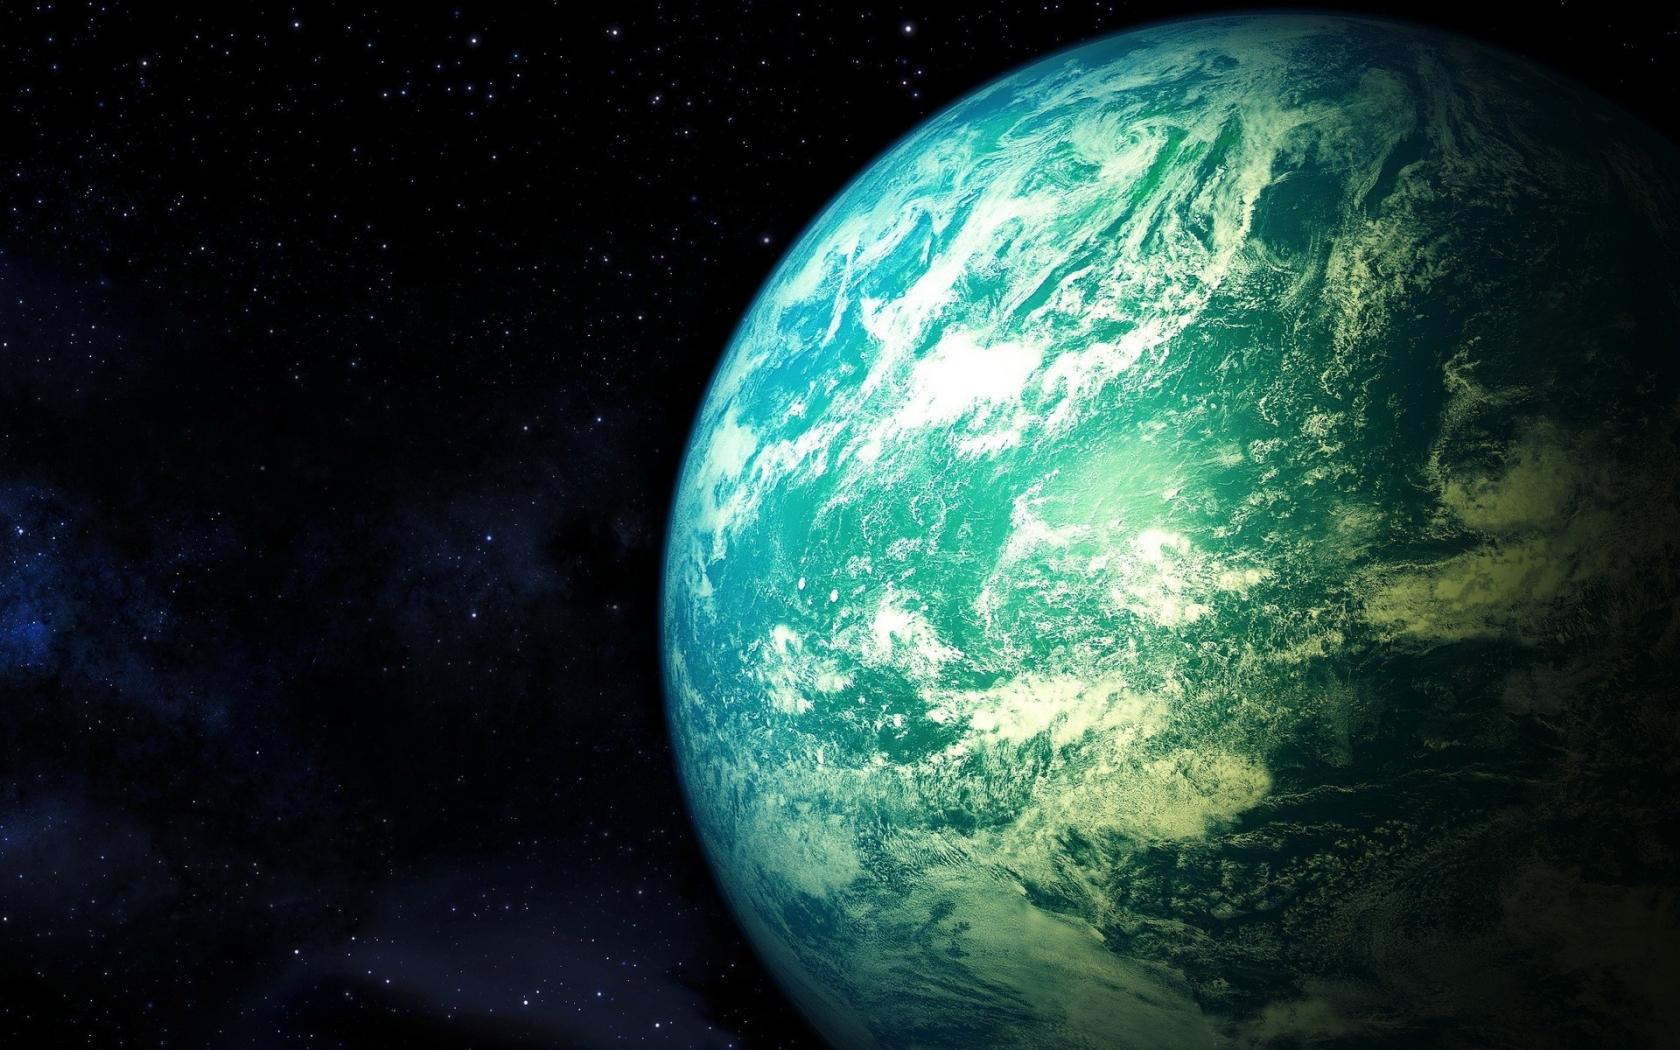 El planeta tierra desde el espacio - 1680x1050